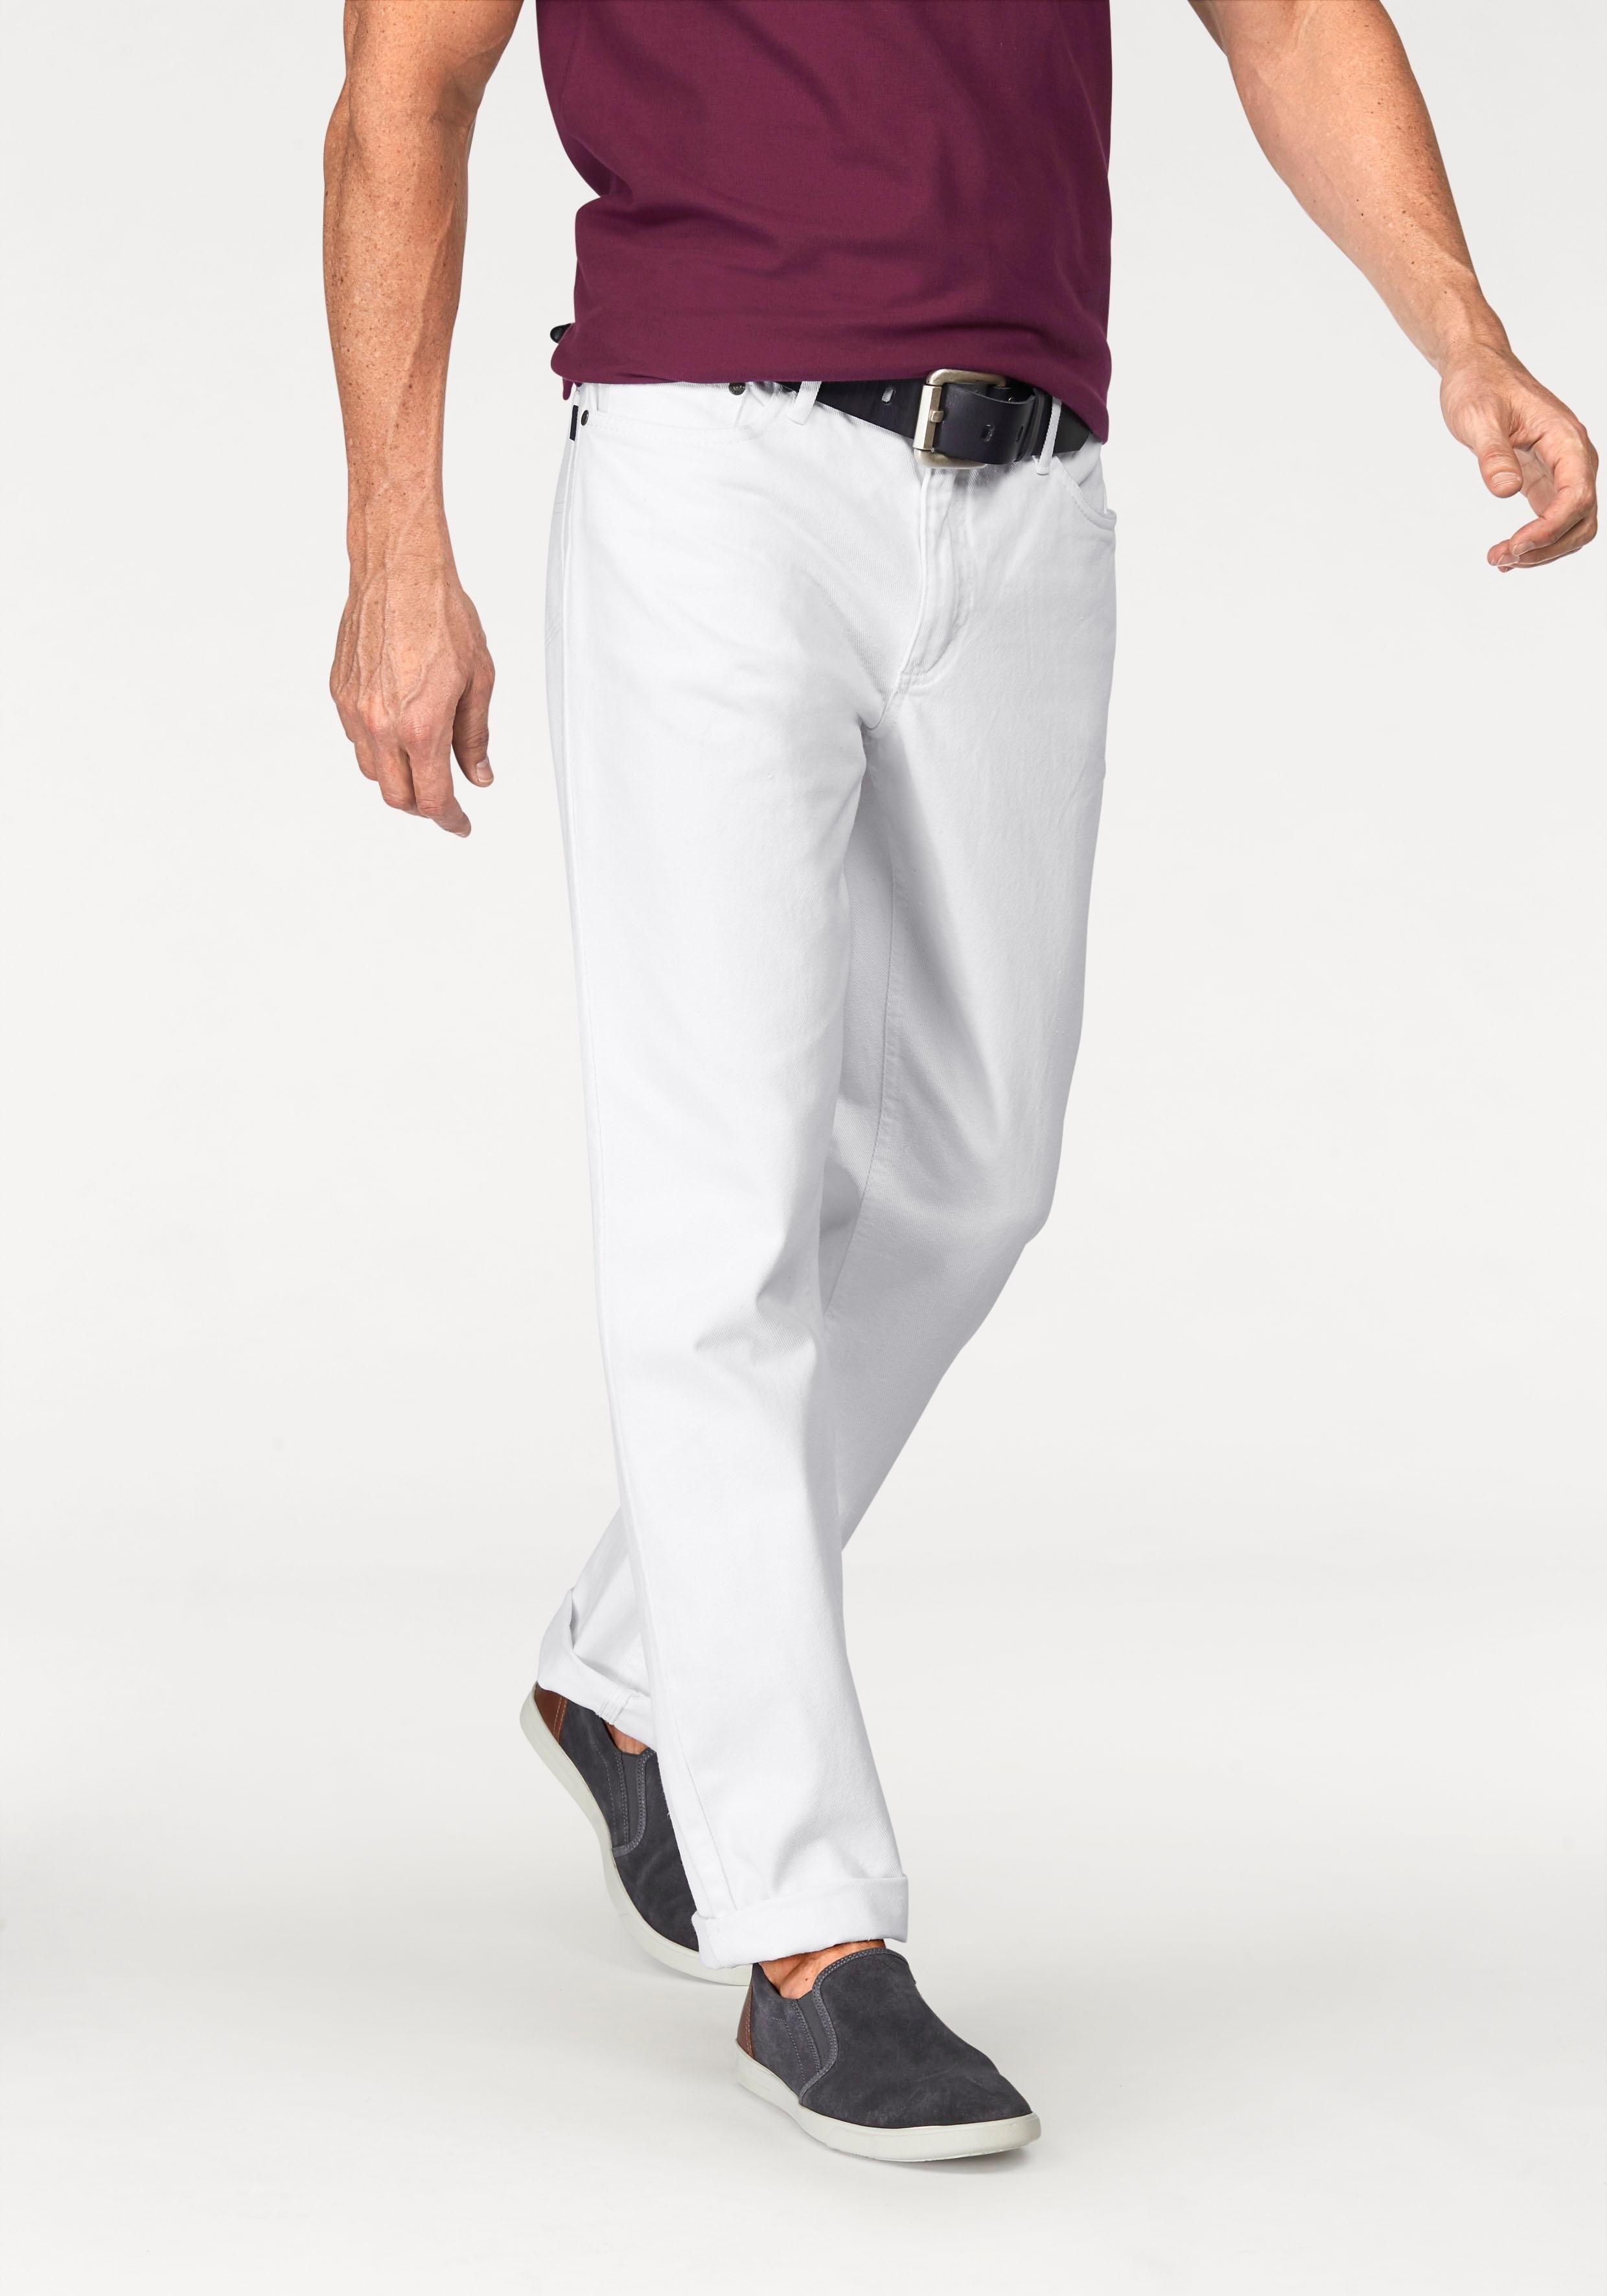 ARIZONA Comfort-jeans met ritssluiting - gratis ruilen op otto.nl